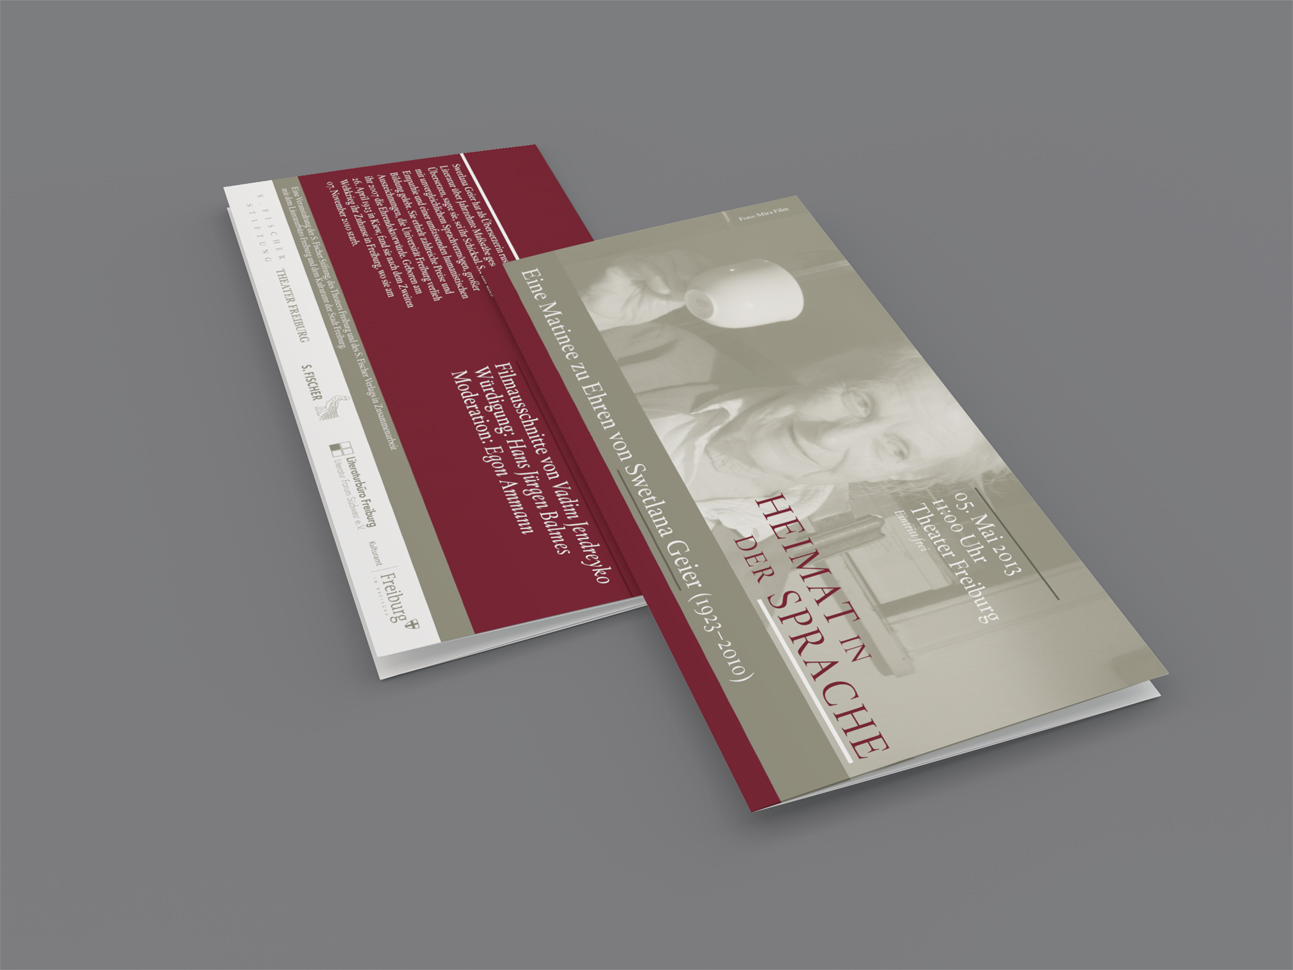 martin_zech_design_projekt_design_swetlana_geier_einladung